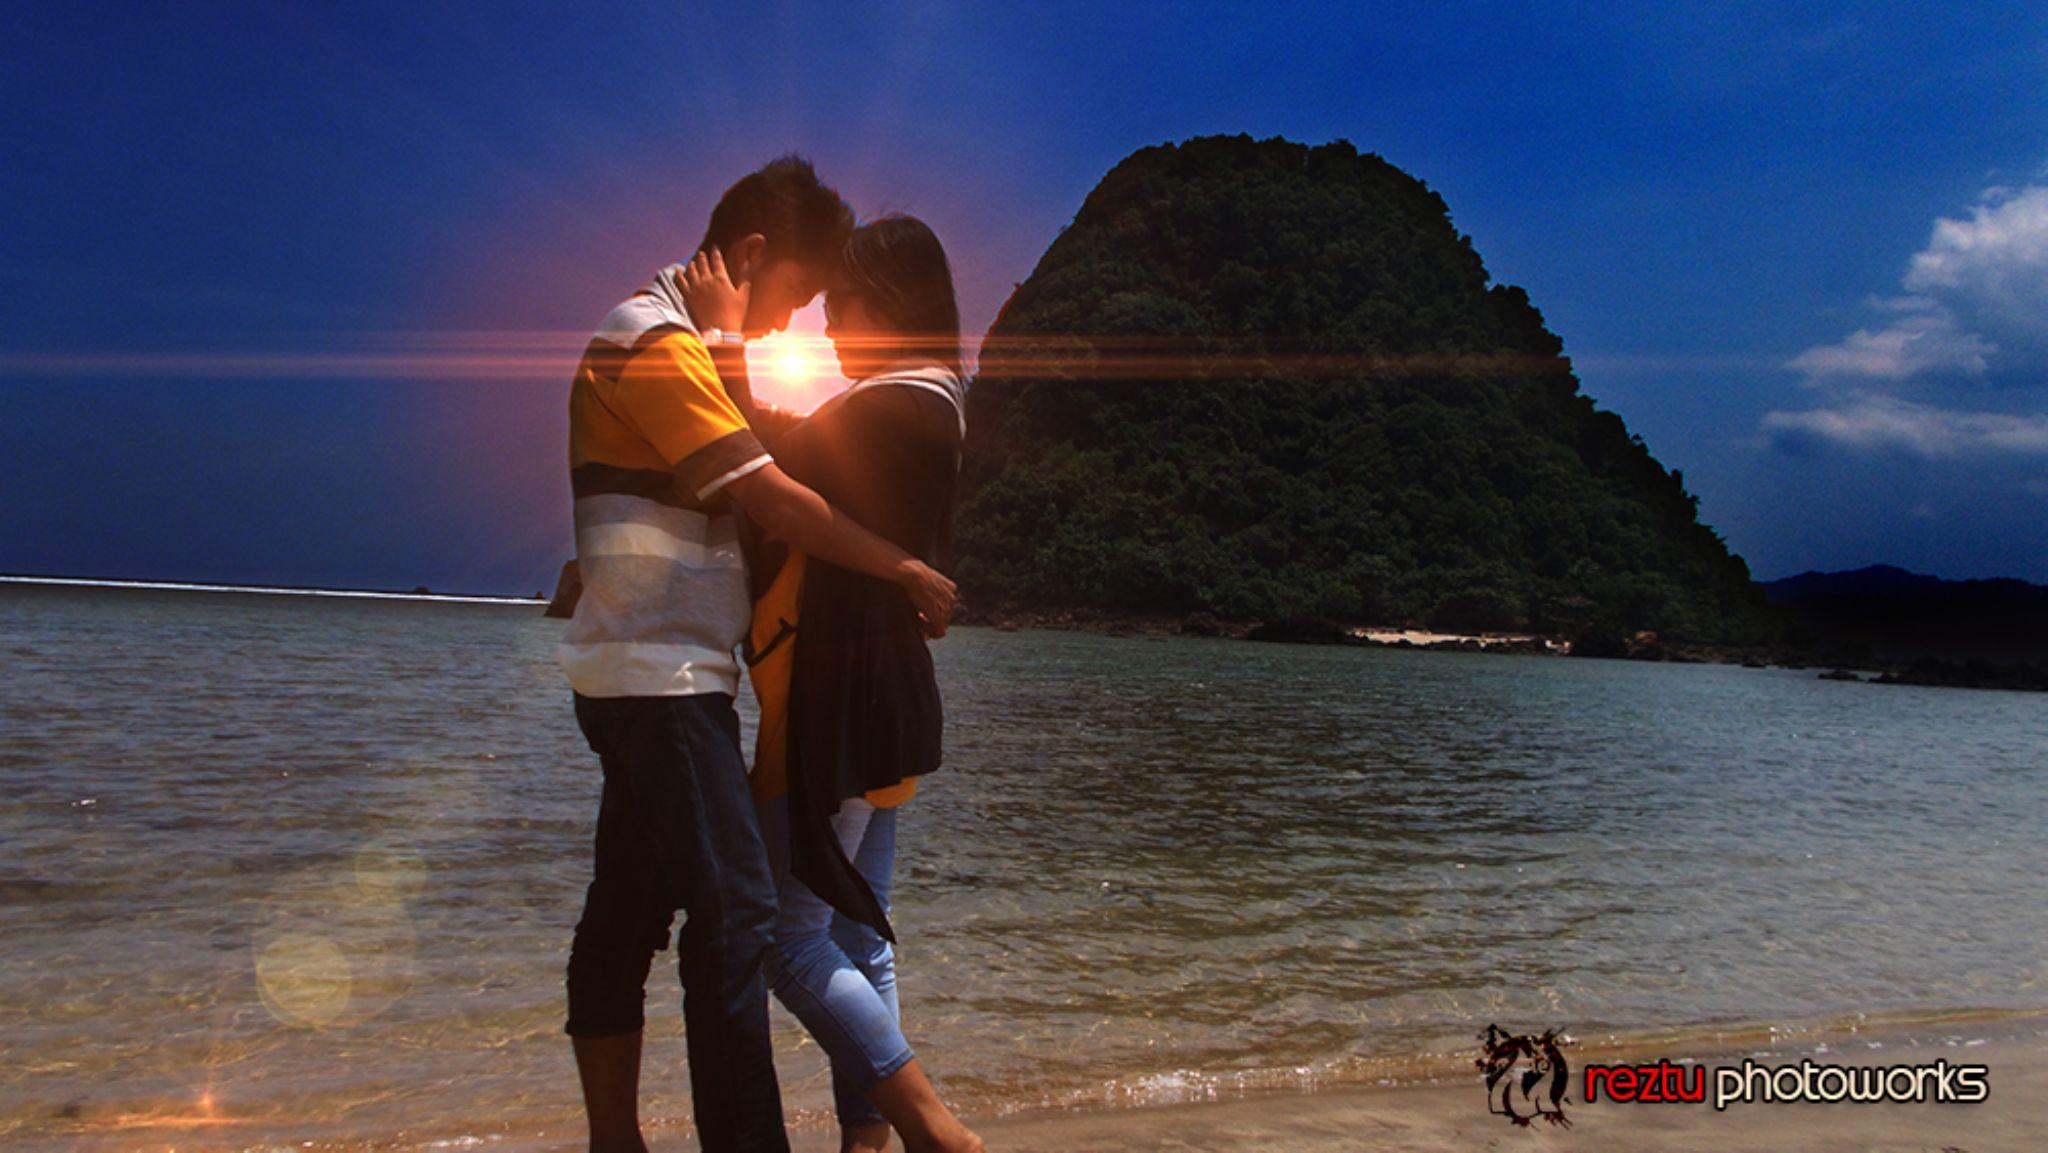 Wedding Sun PM by Reztu Photoworks